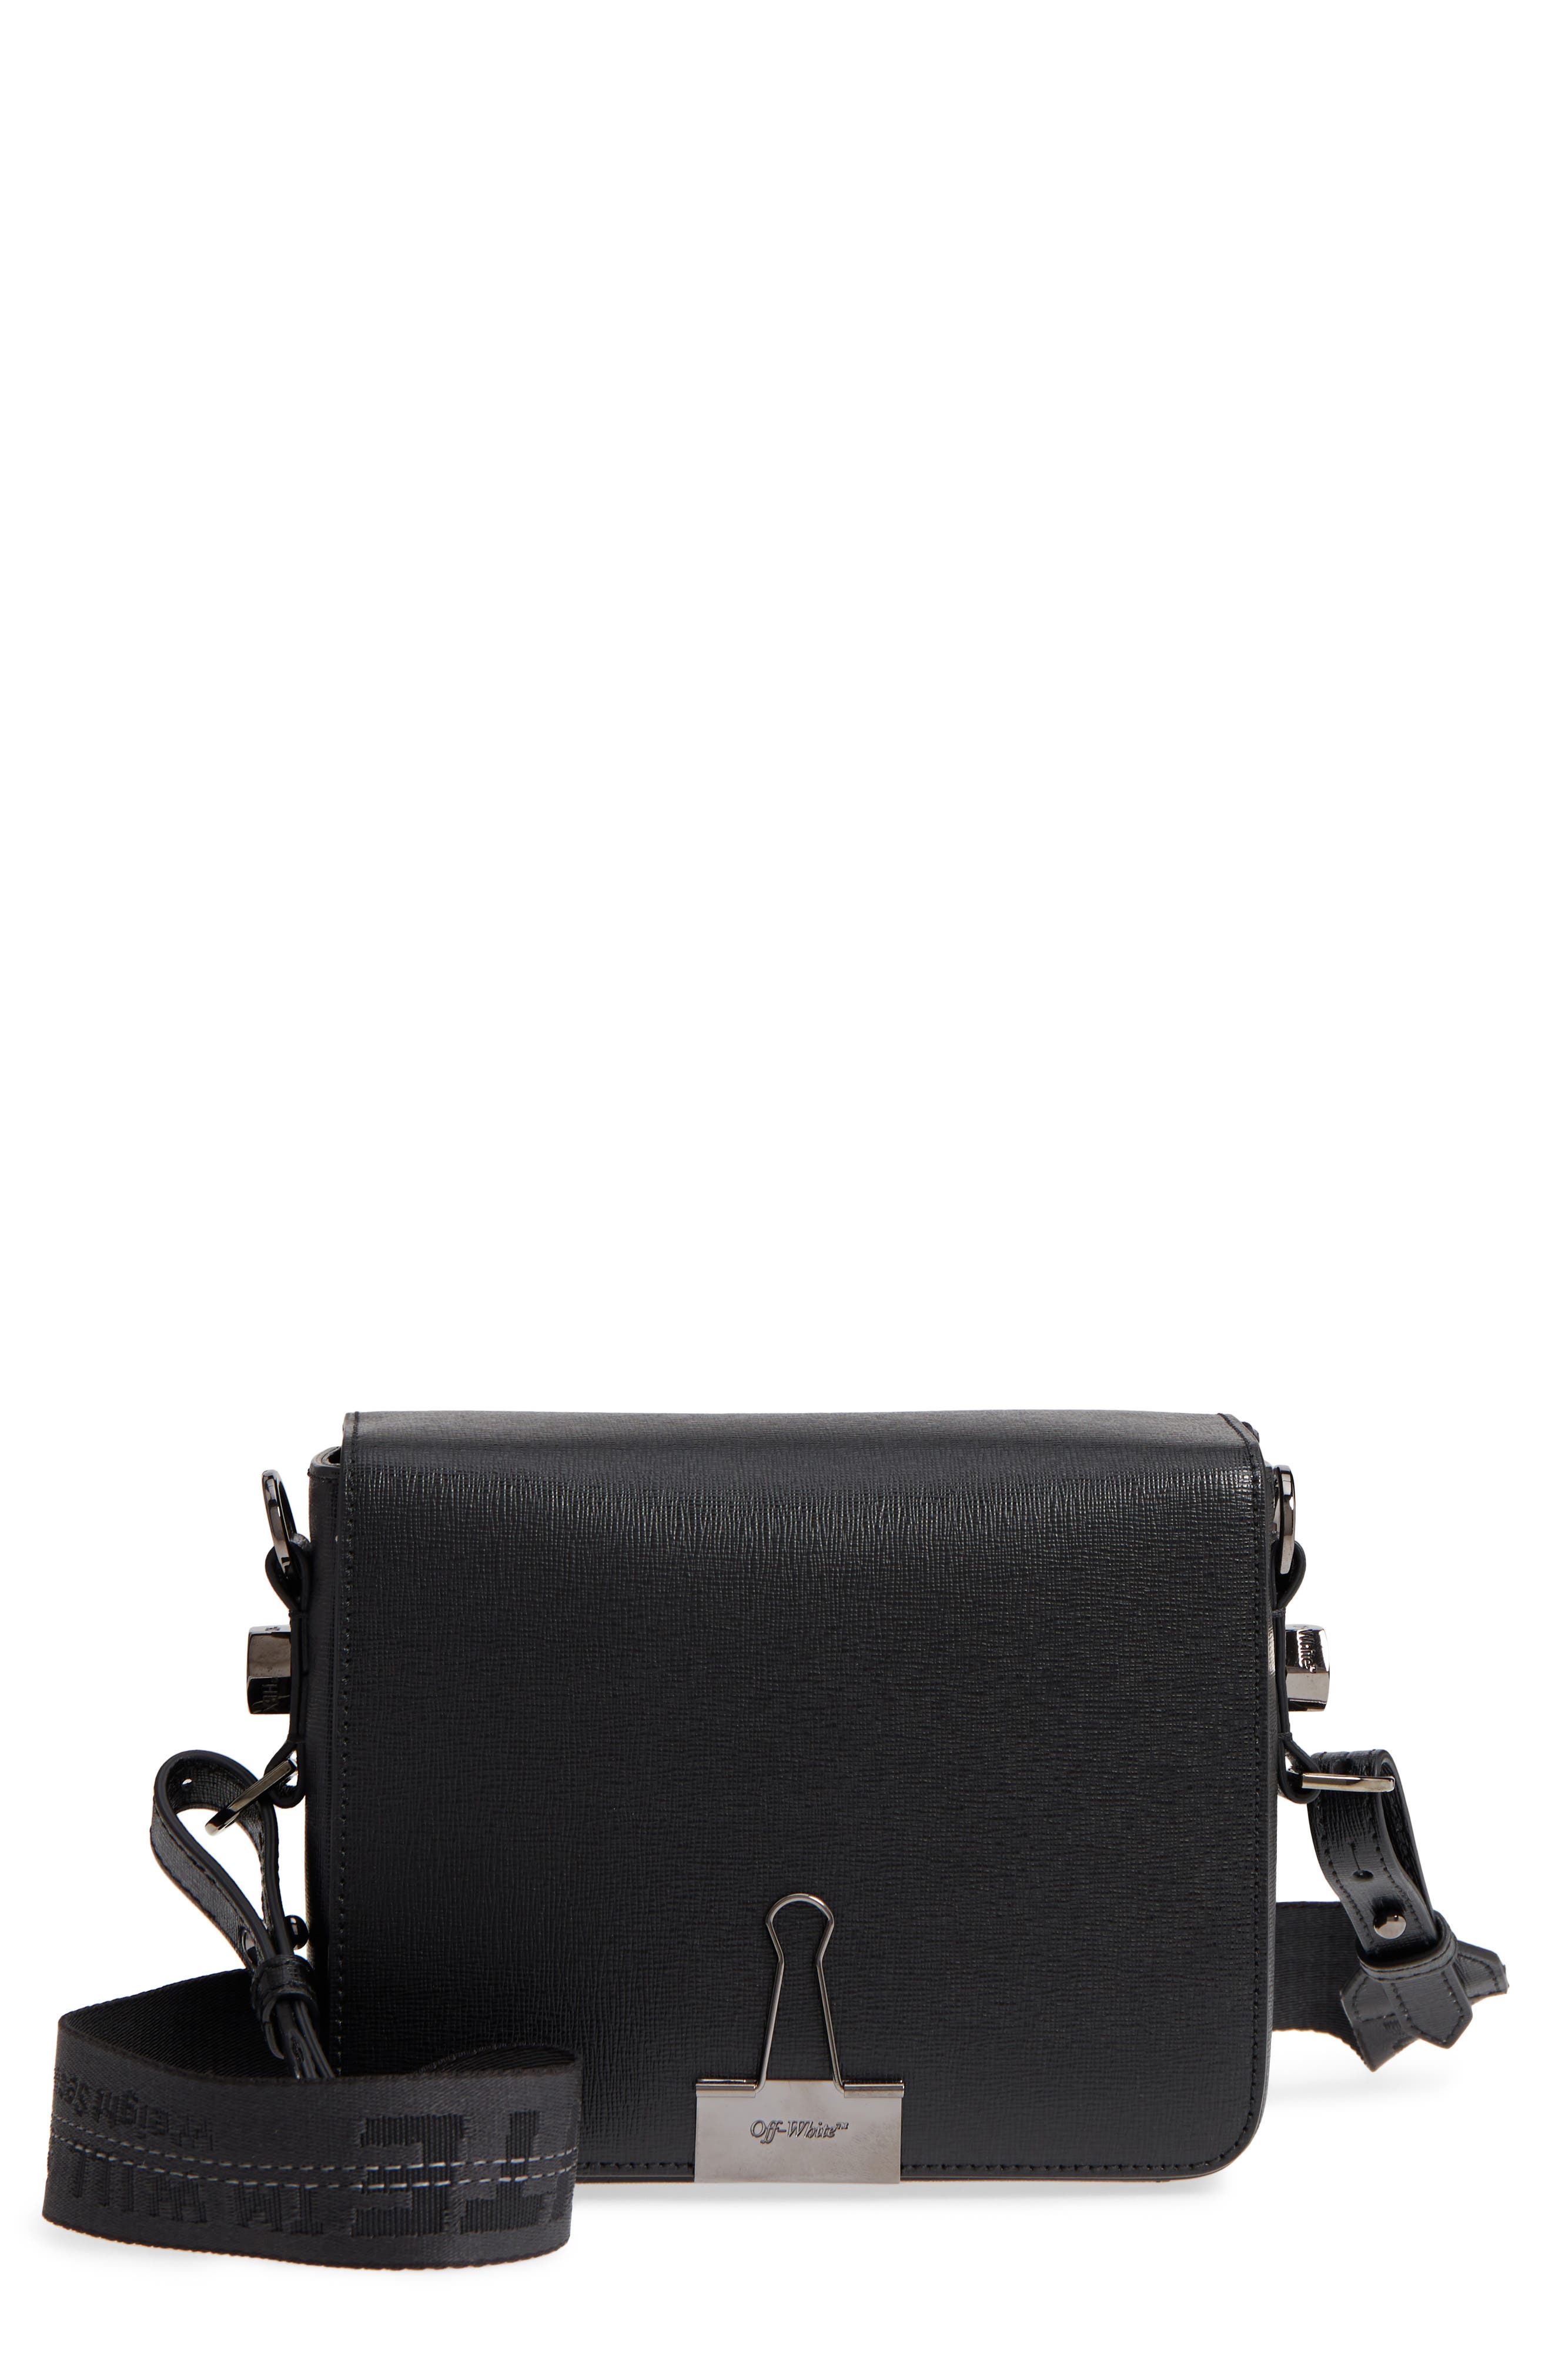 Binder Clip Leather Flap Bag,                         Main,                         color, Black